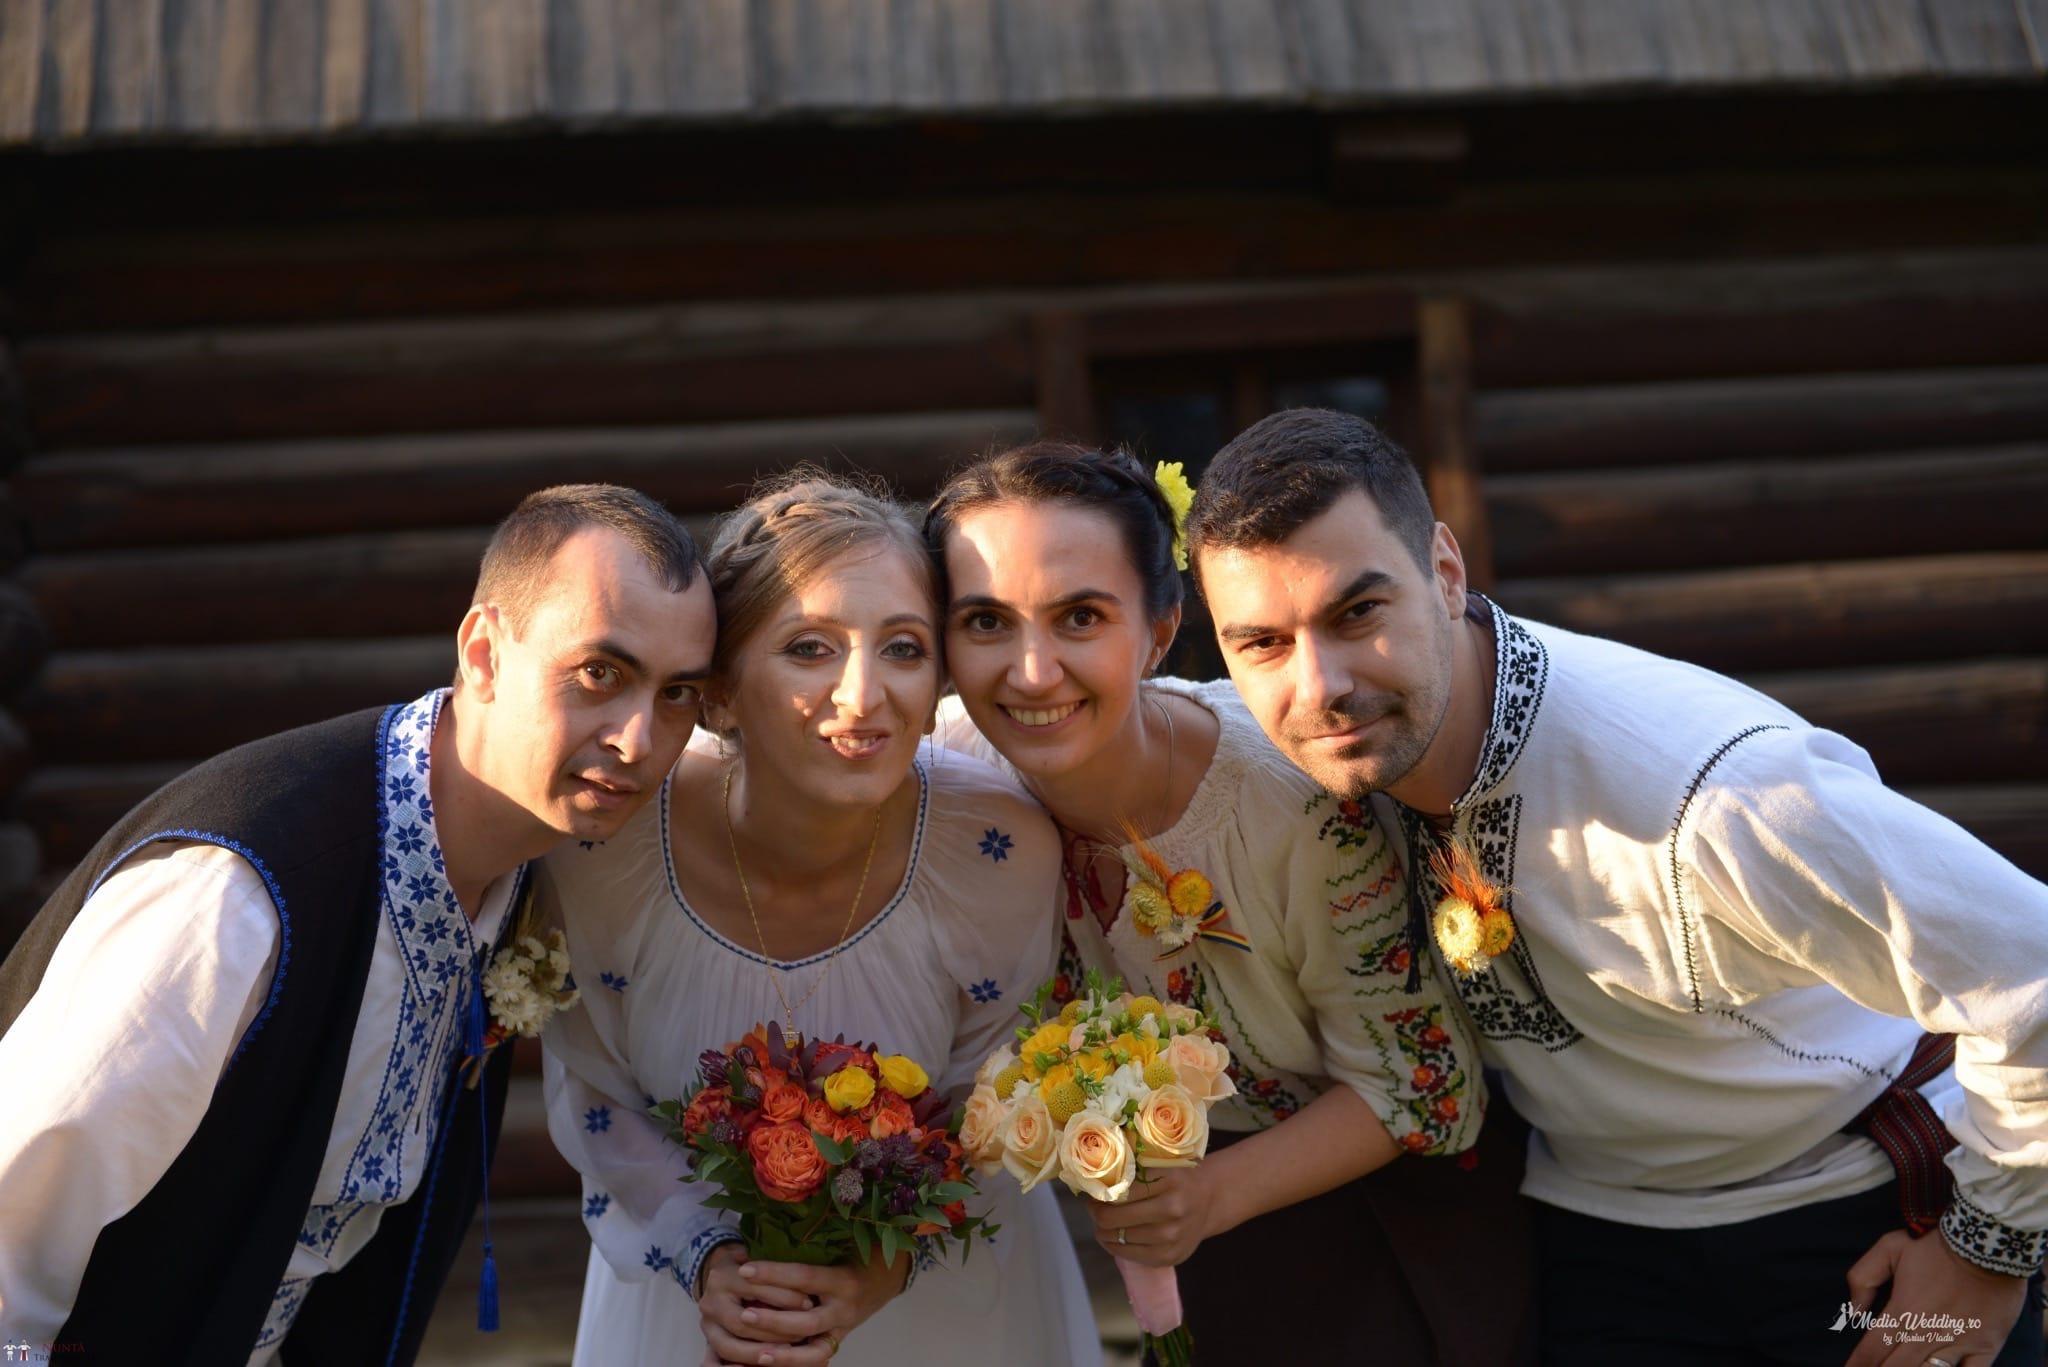 Povești Nunți Tradiționale - Alina-Maria și Ilie, nuntă tradițională în București 23